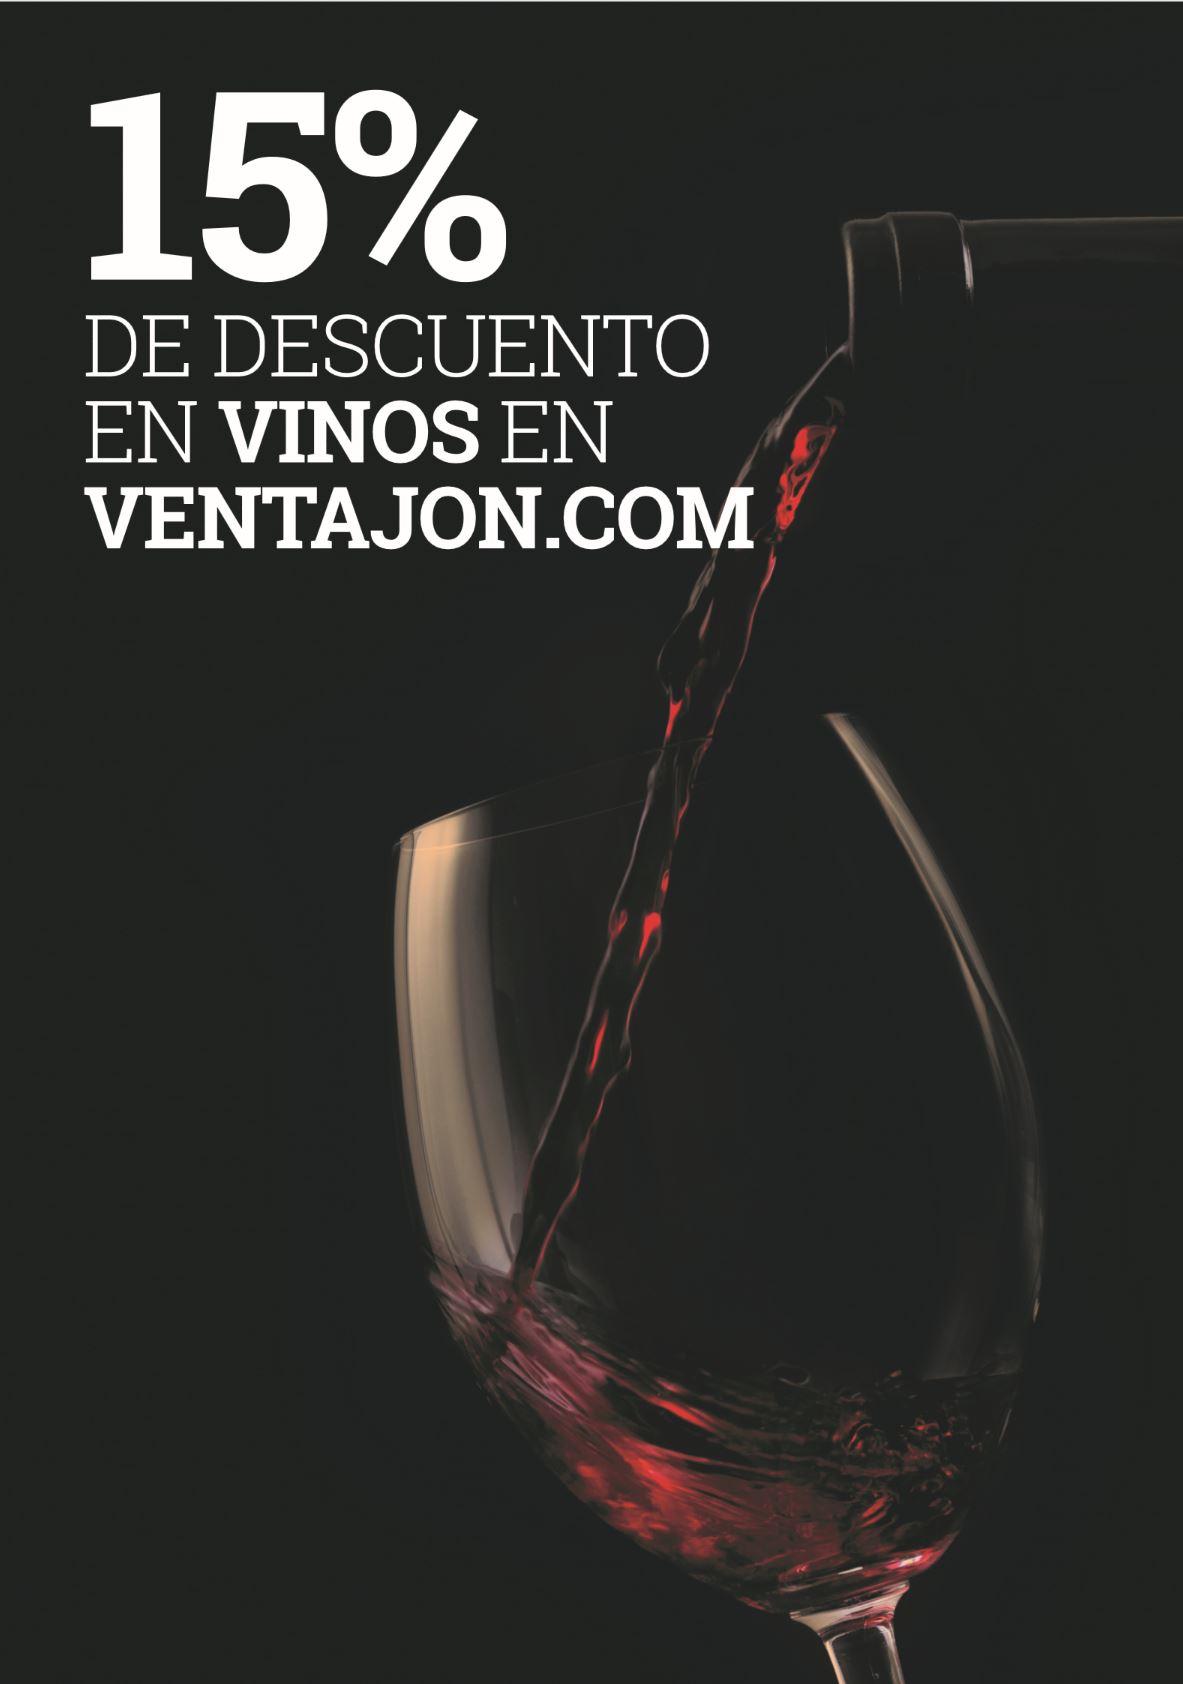 Descuento en vinos en la tienda online VENTAJON